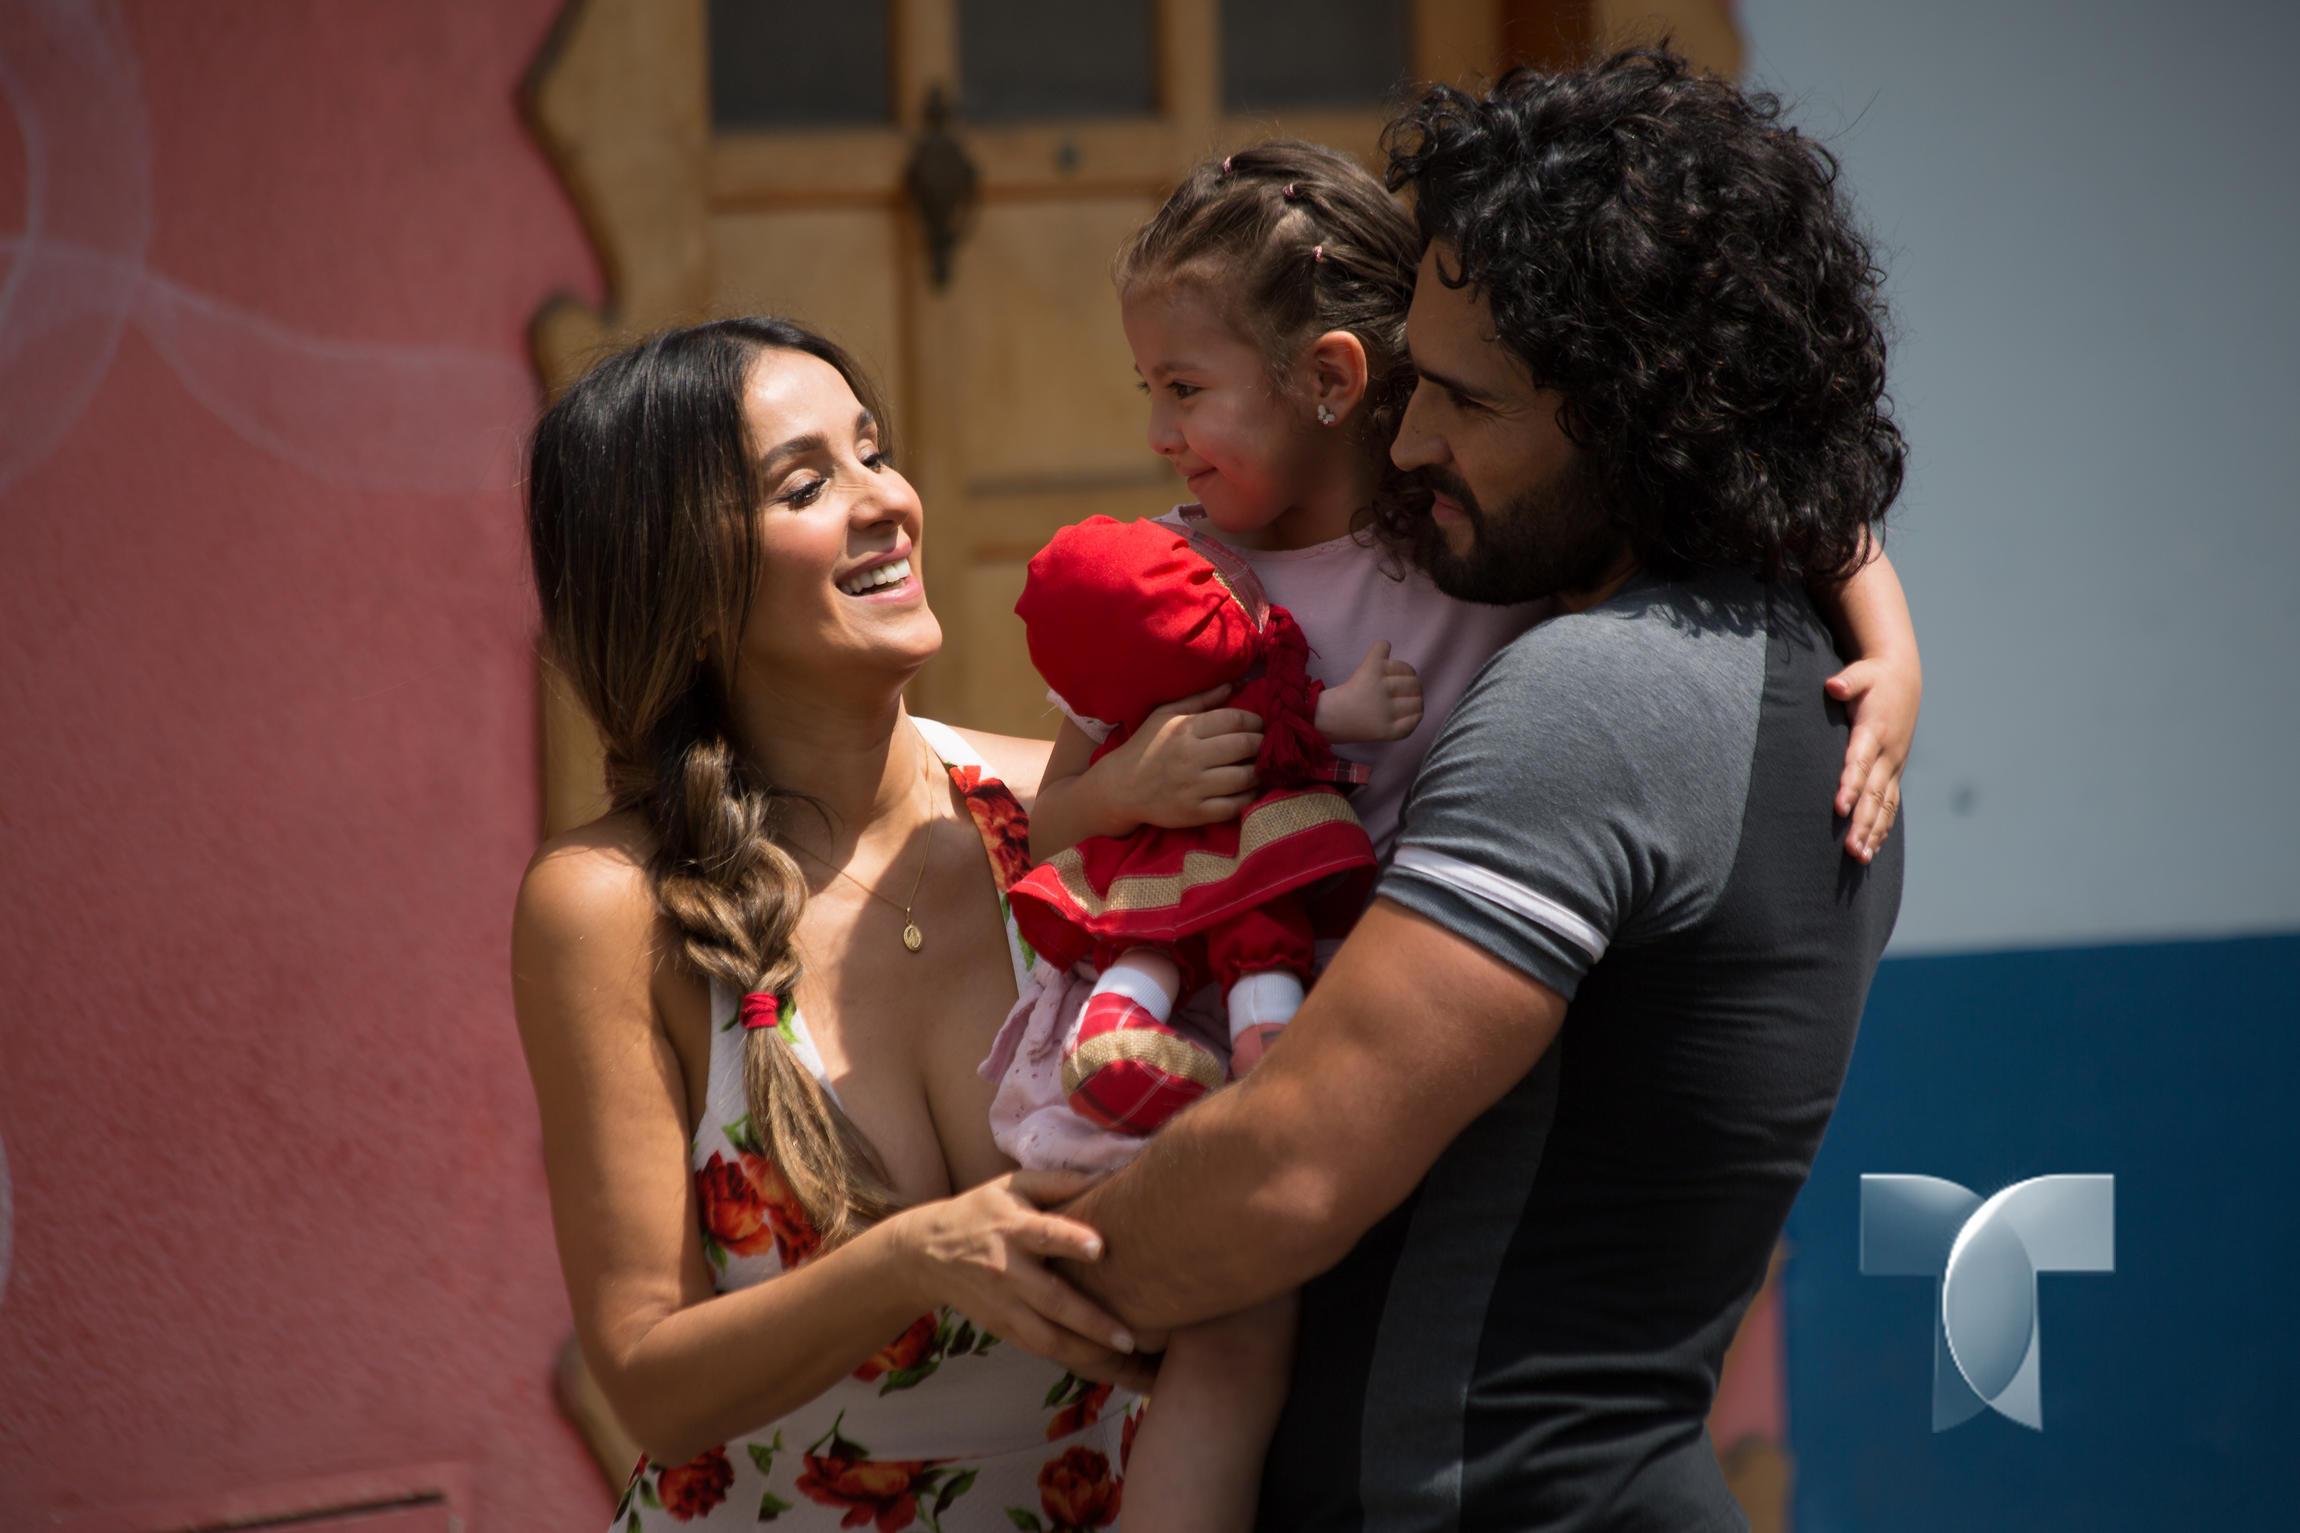 télénovela - Catalina saison 2 : épisodes 61 à 65